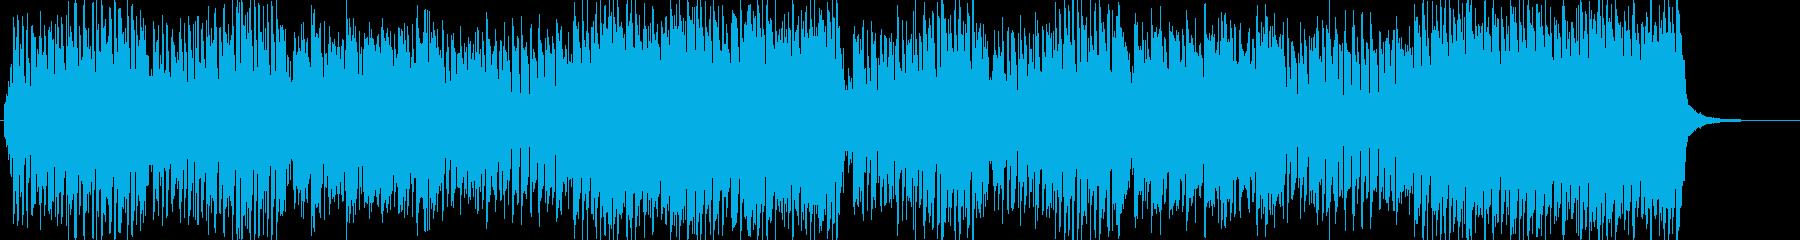 トルコ行進曲のポップアレンジ曲の再生済みの波形